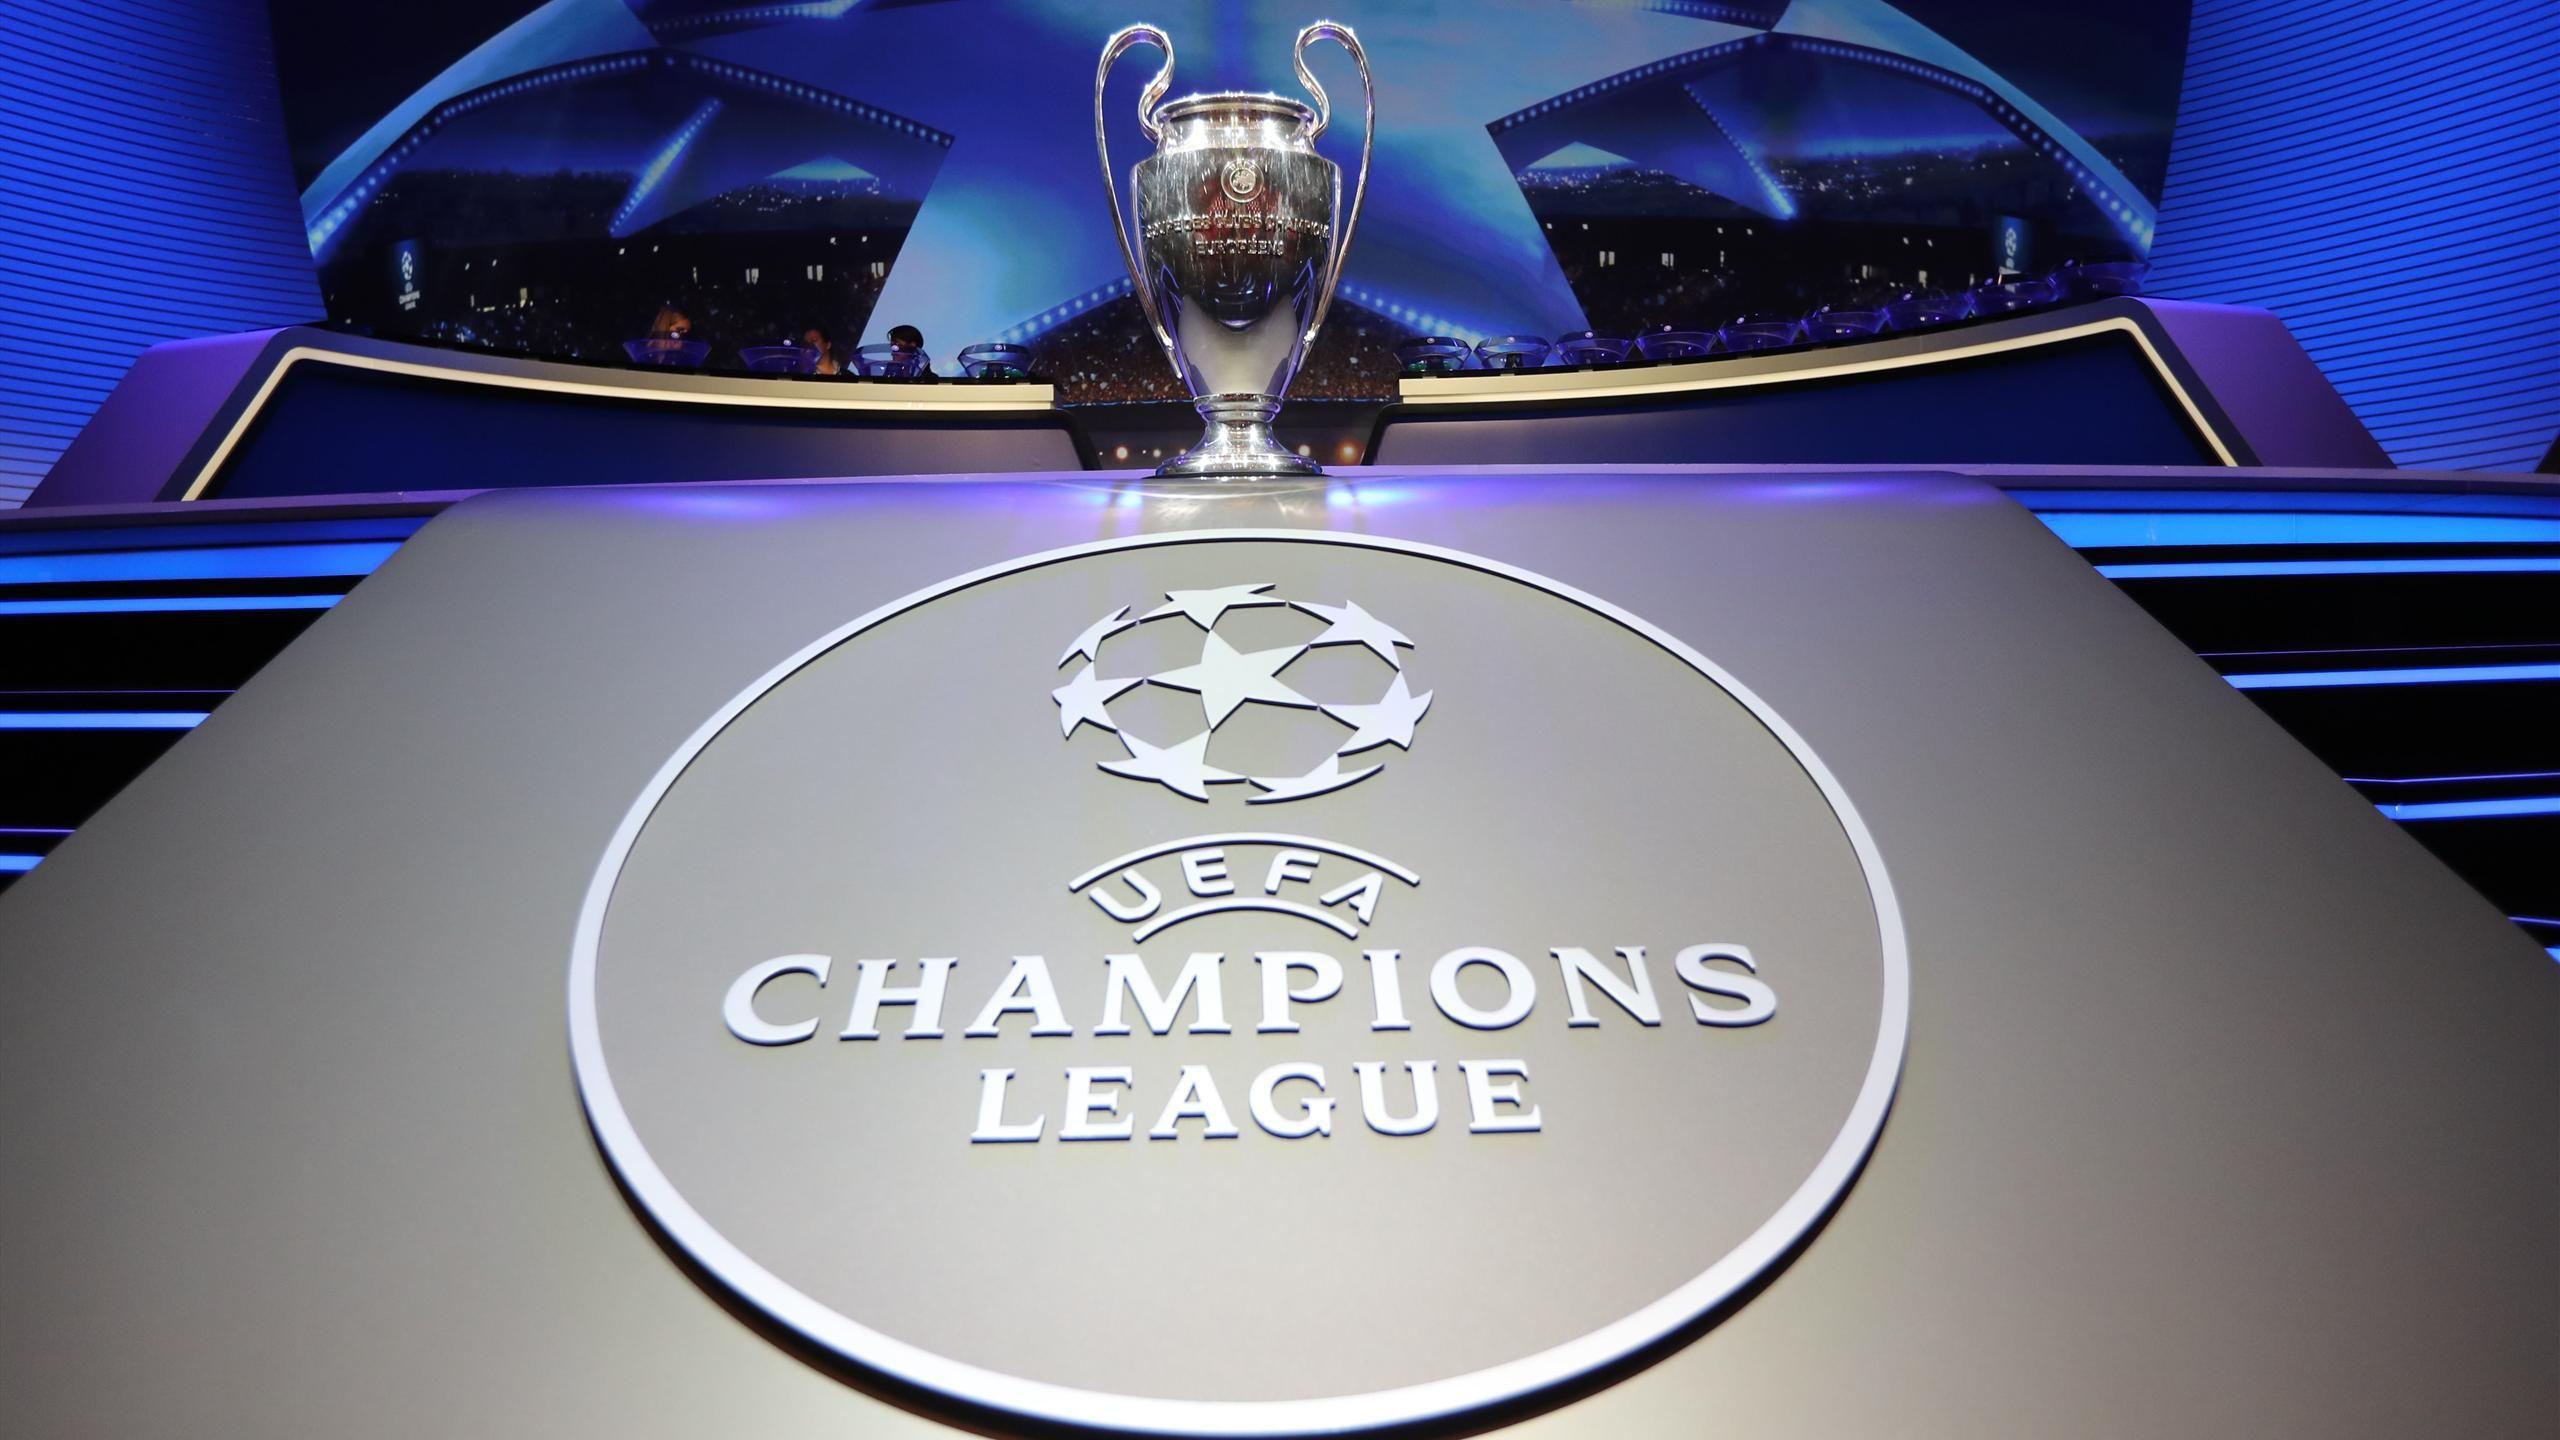 La Turquie placée sur liste rouge, la finale de Ligue des champions déplacée à Londres?